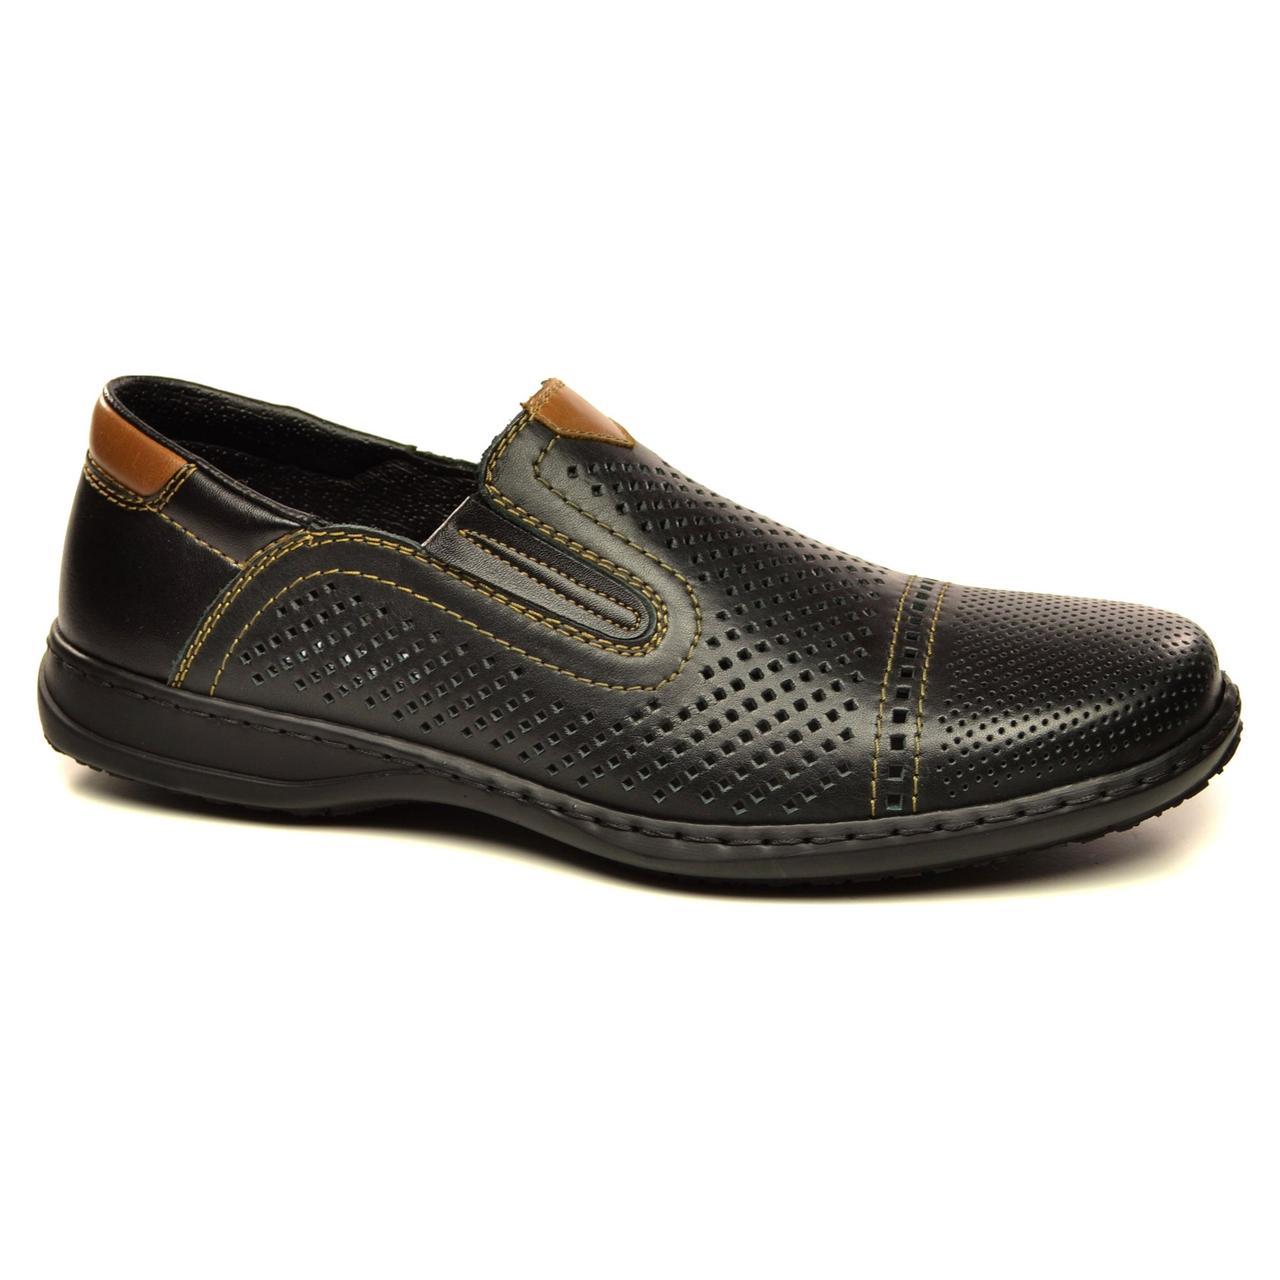 92fcecd54 Повседневные туфли Rieker 01357-00, код: 8723, размеры: 40, 42, 43 ...